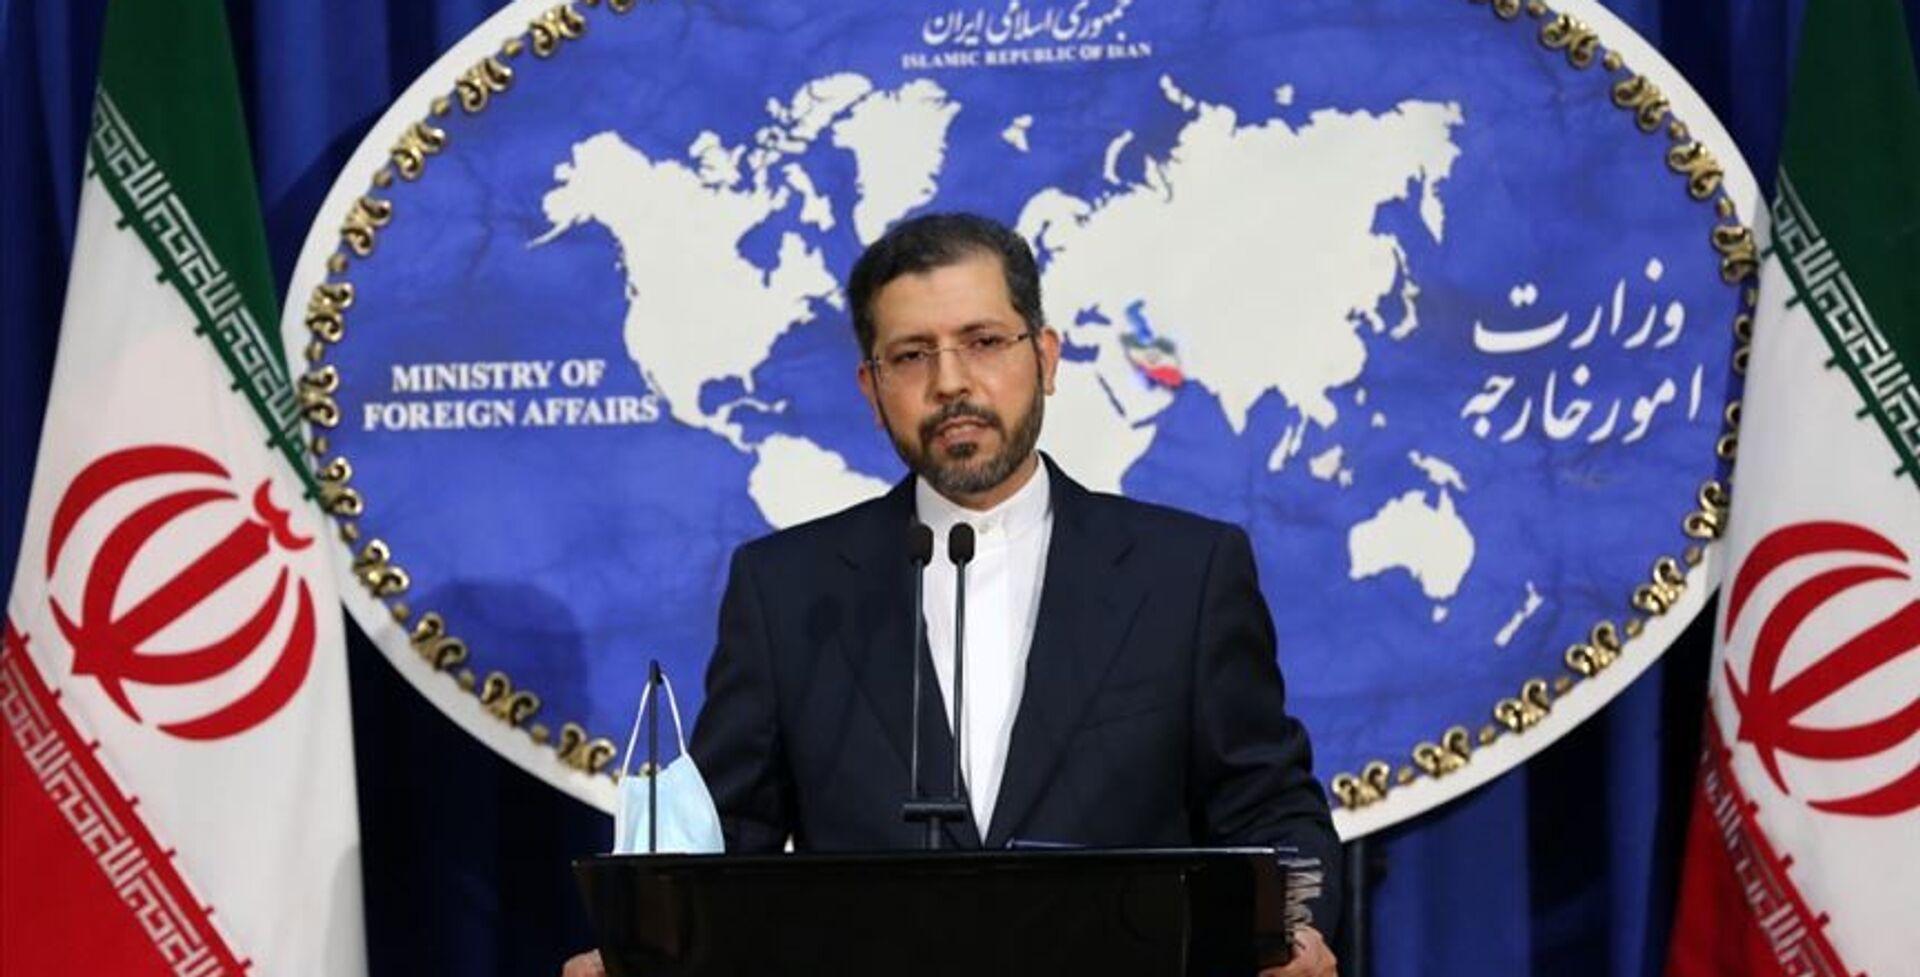 İran Dışişleri Bakanlığı Sözcüsü Said Hatipzade - Sputnik Türkiye, 1920, 25.06.2021